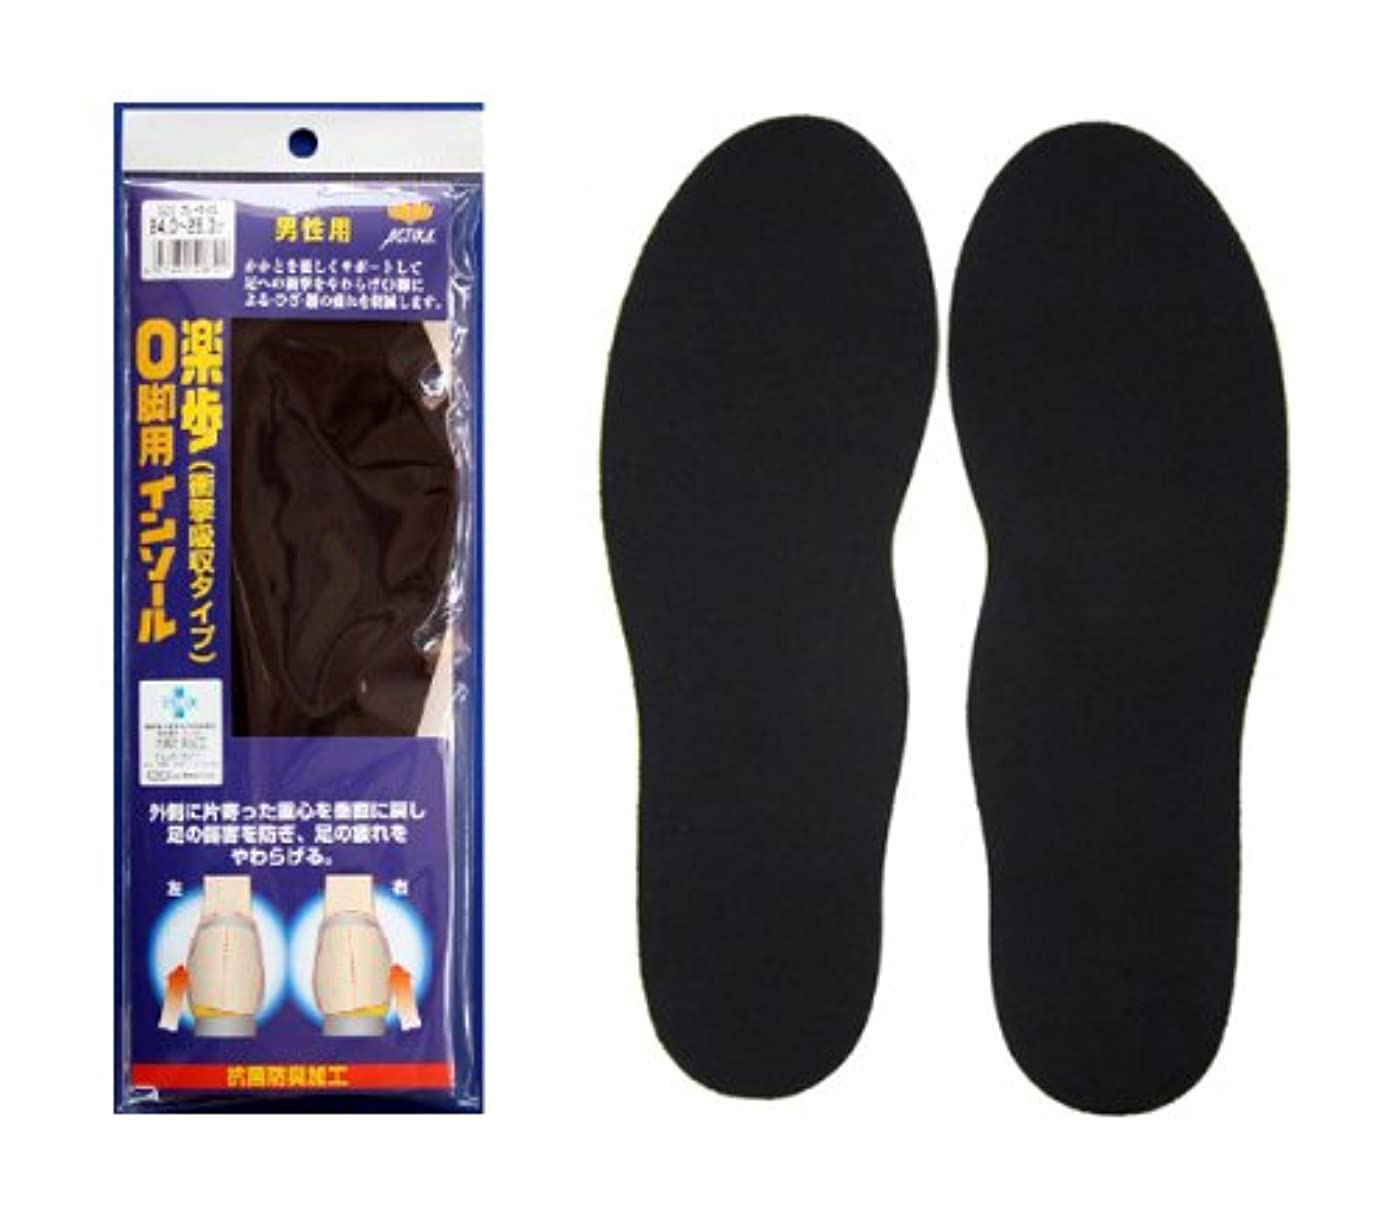 原告セマフォ恐怖楽歩 O脚用インソール 男性用(24.0~28.0cm) 2足セット  No.162